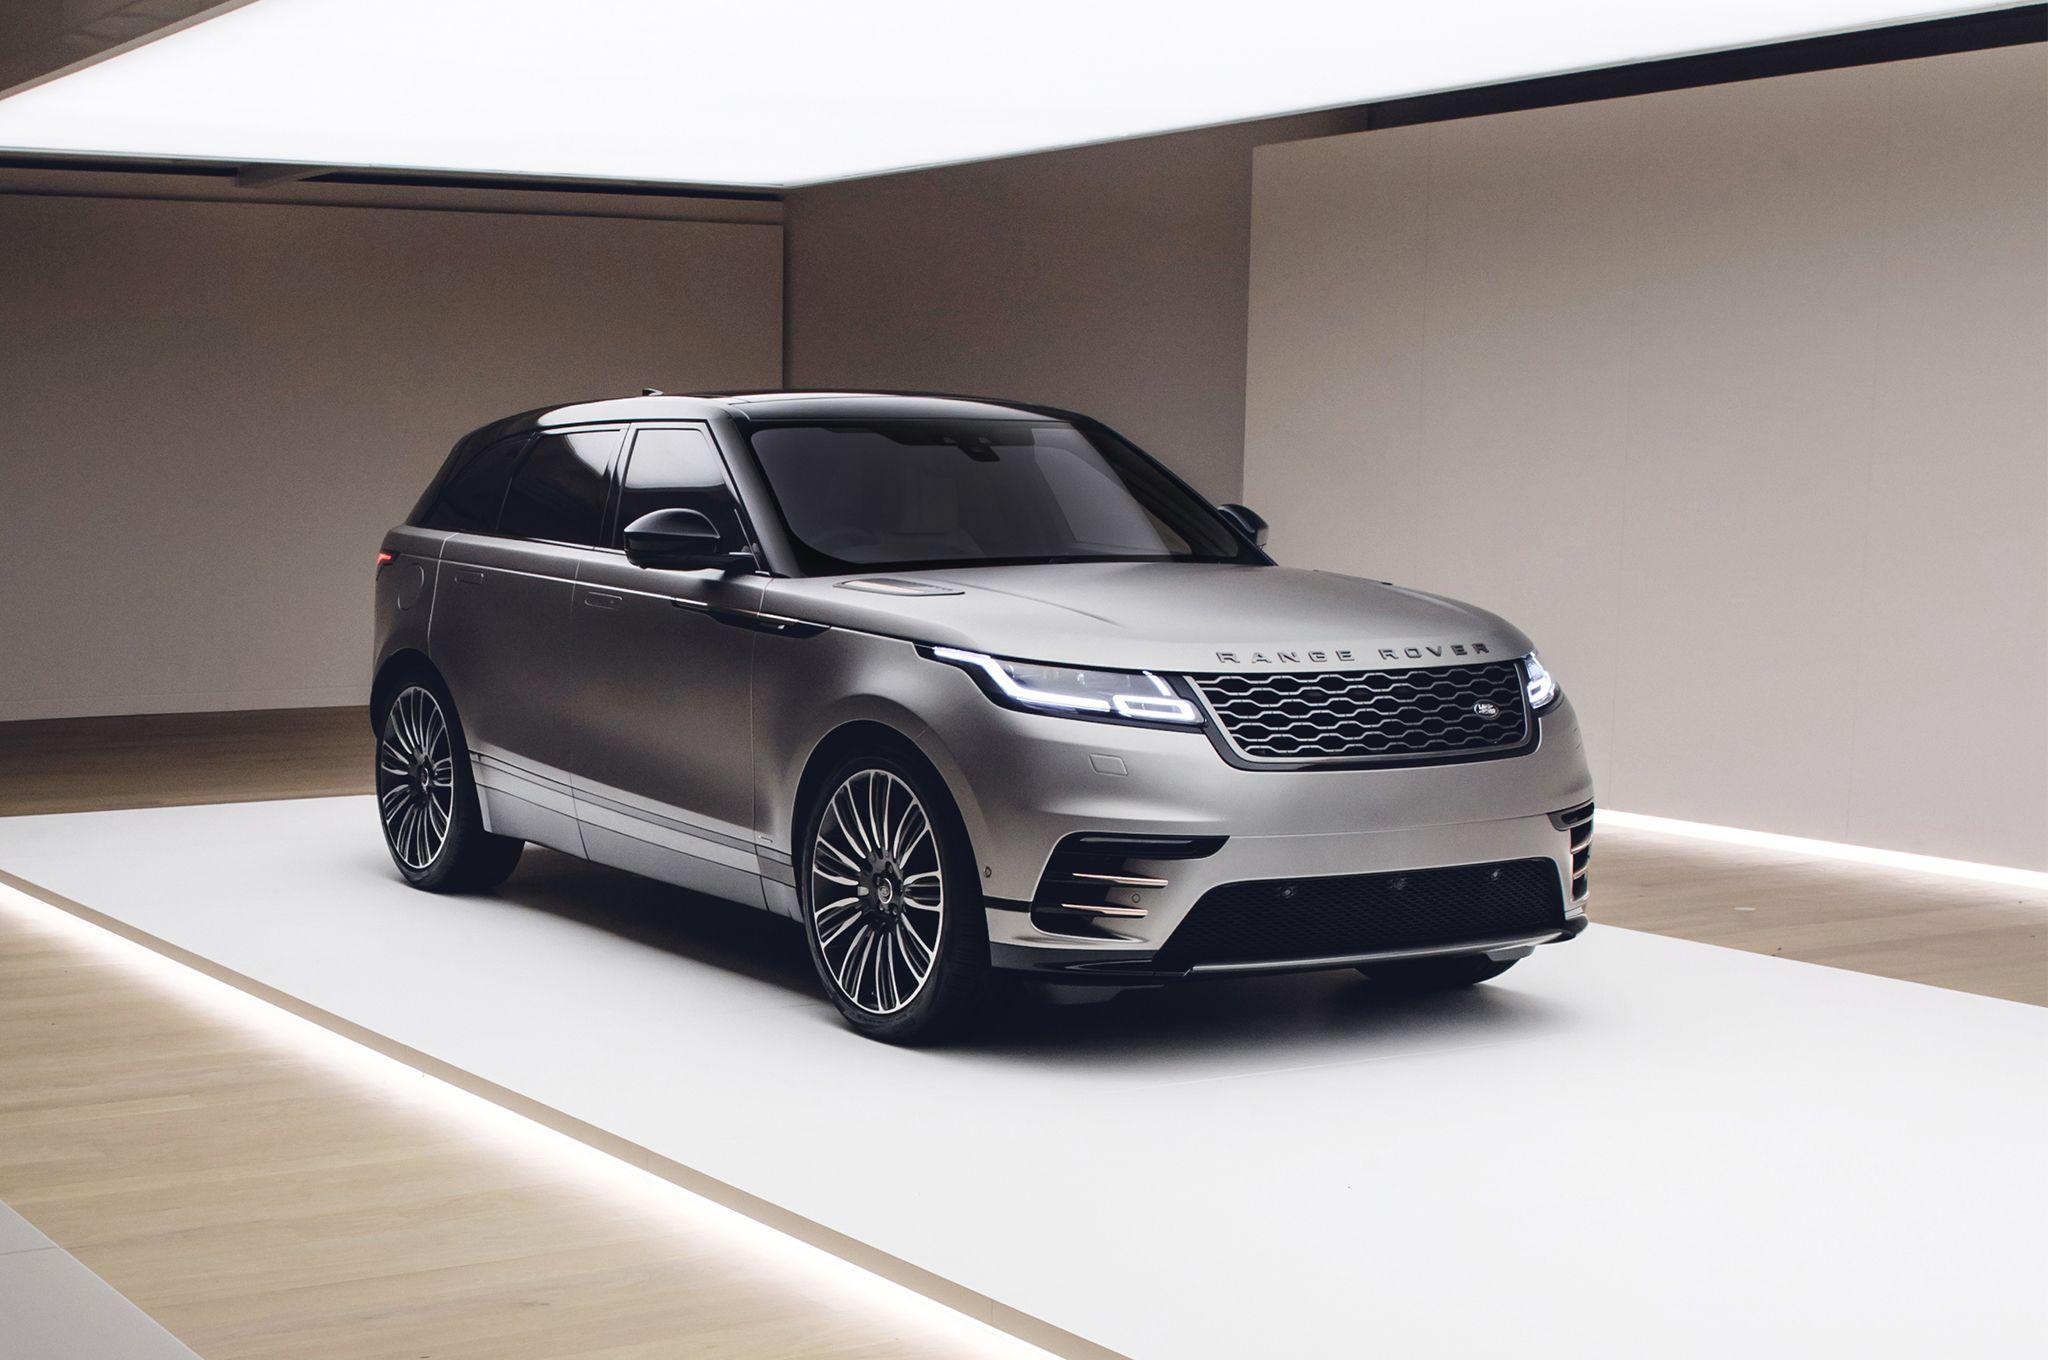 2018 Range Rover Velar Range rover sport price, Range rover